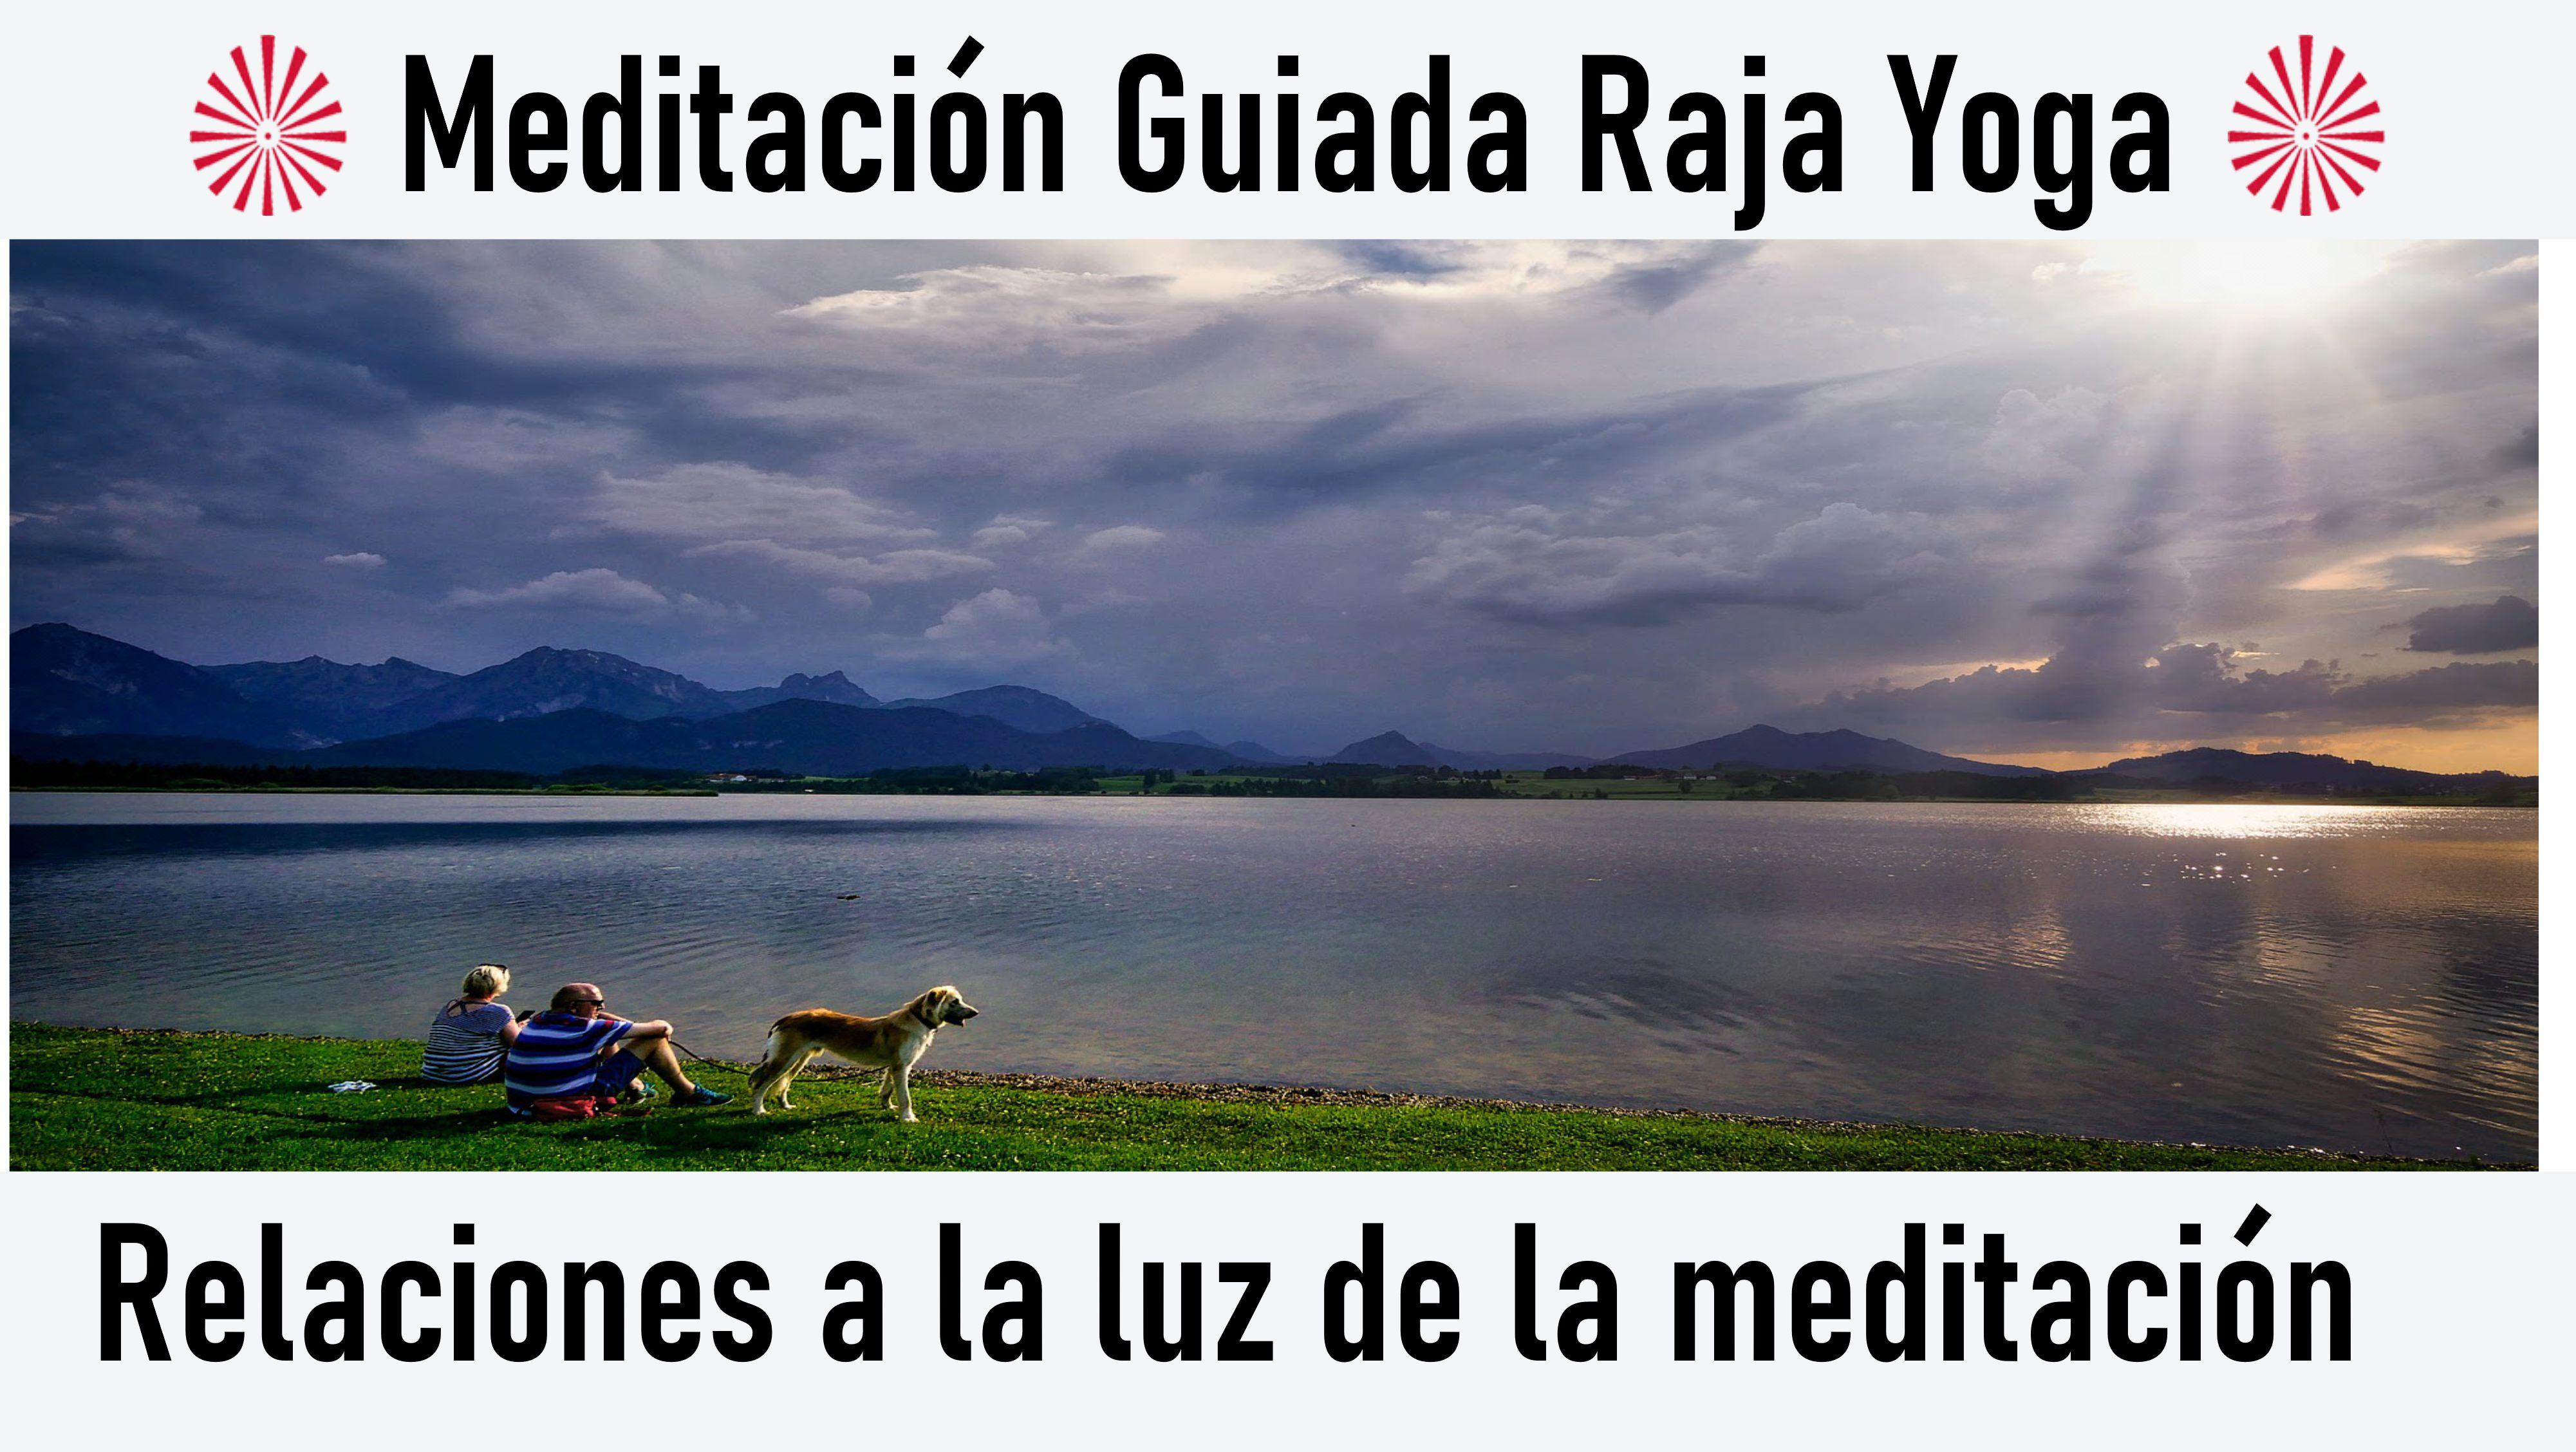 Meditación Raja Yoga: Relaciones a la luz de la meditación (6 Julio 2020) On-line desde Madrid